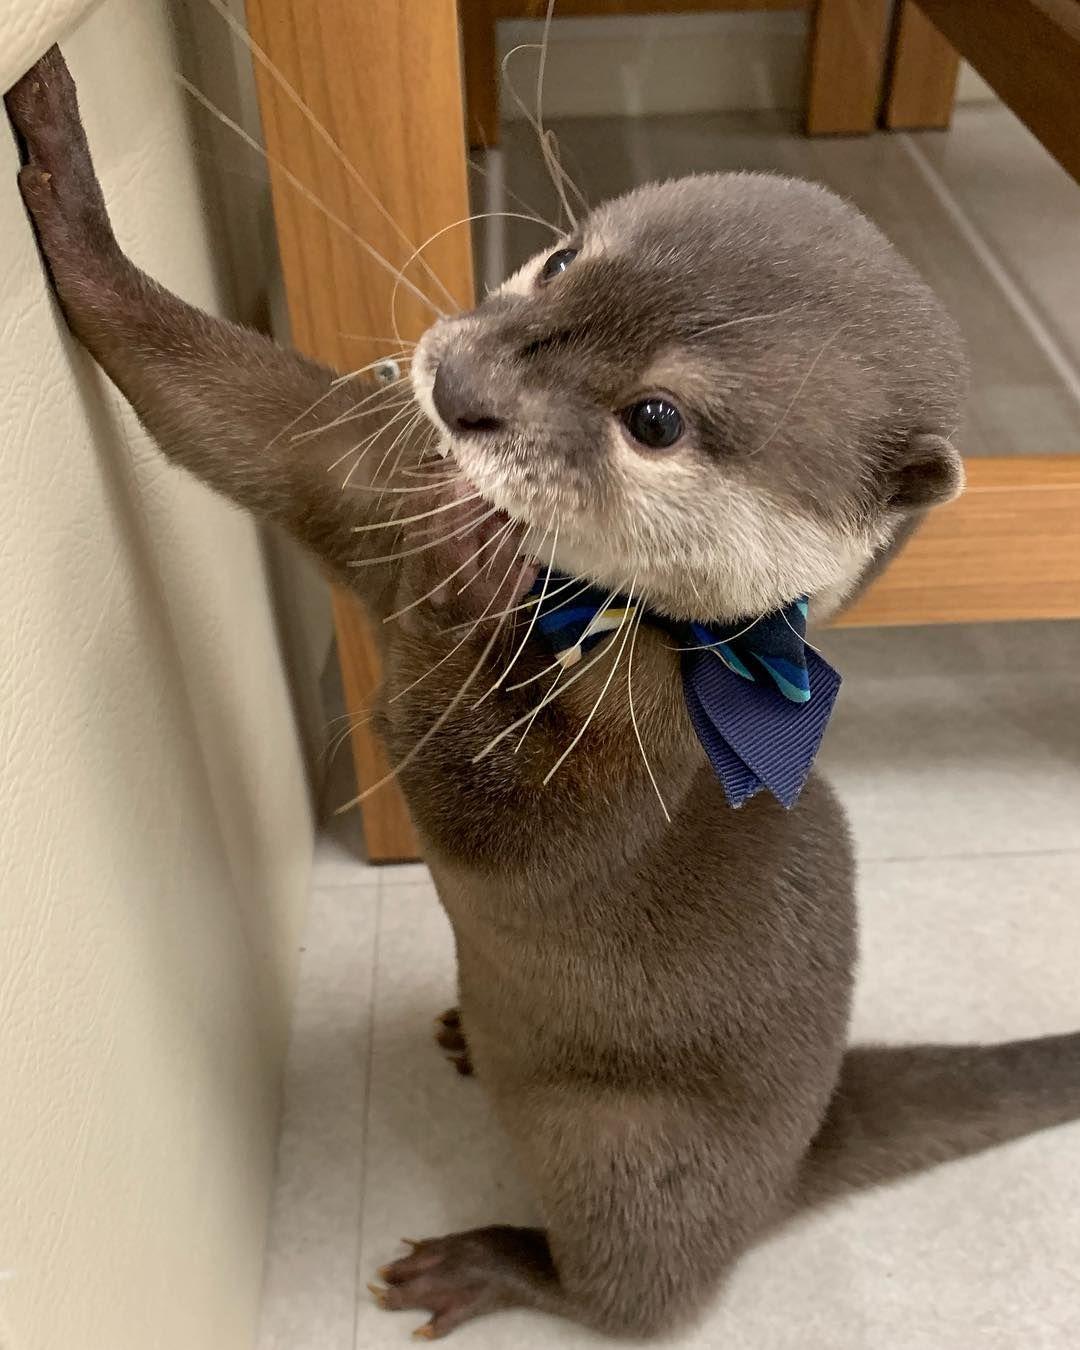 Yuki On Instagram うちの壁ドンかわいーやろ てへぺろ コツメイト コツメカワウソ カワウソ 福岡 大名 ペット ふれあい 可愛い 癒し Fukuoka Otter コツメイト福岡大名 コツメイト名古屋 コツメイト池袋 Otterbox